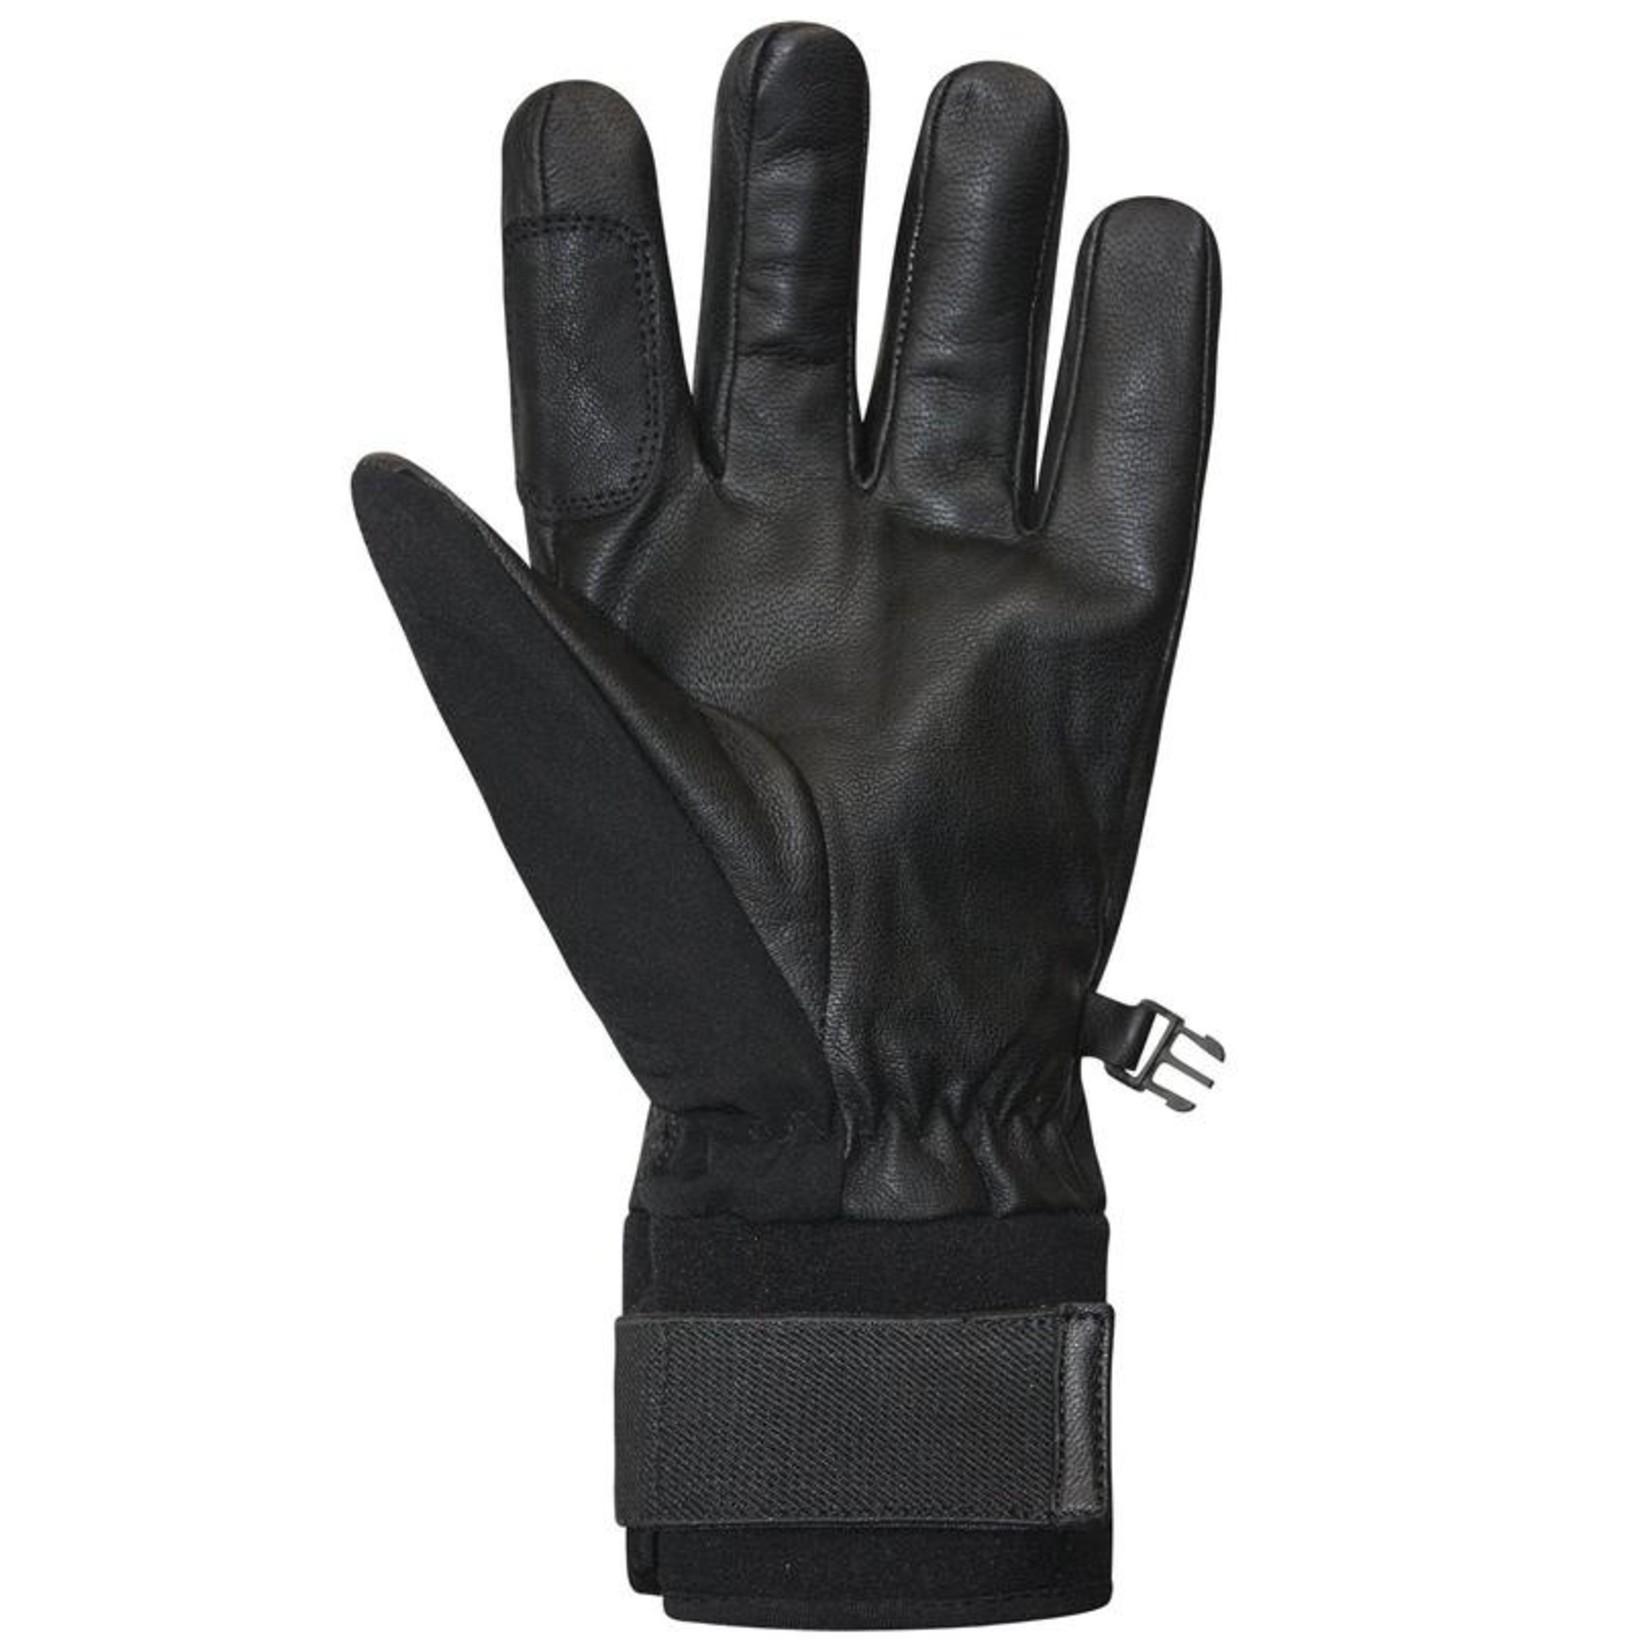 Auclair Auclair Team Worker II Glove Men's